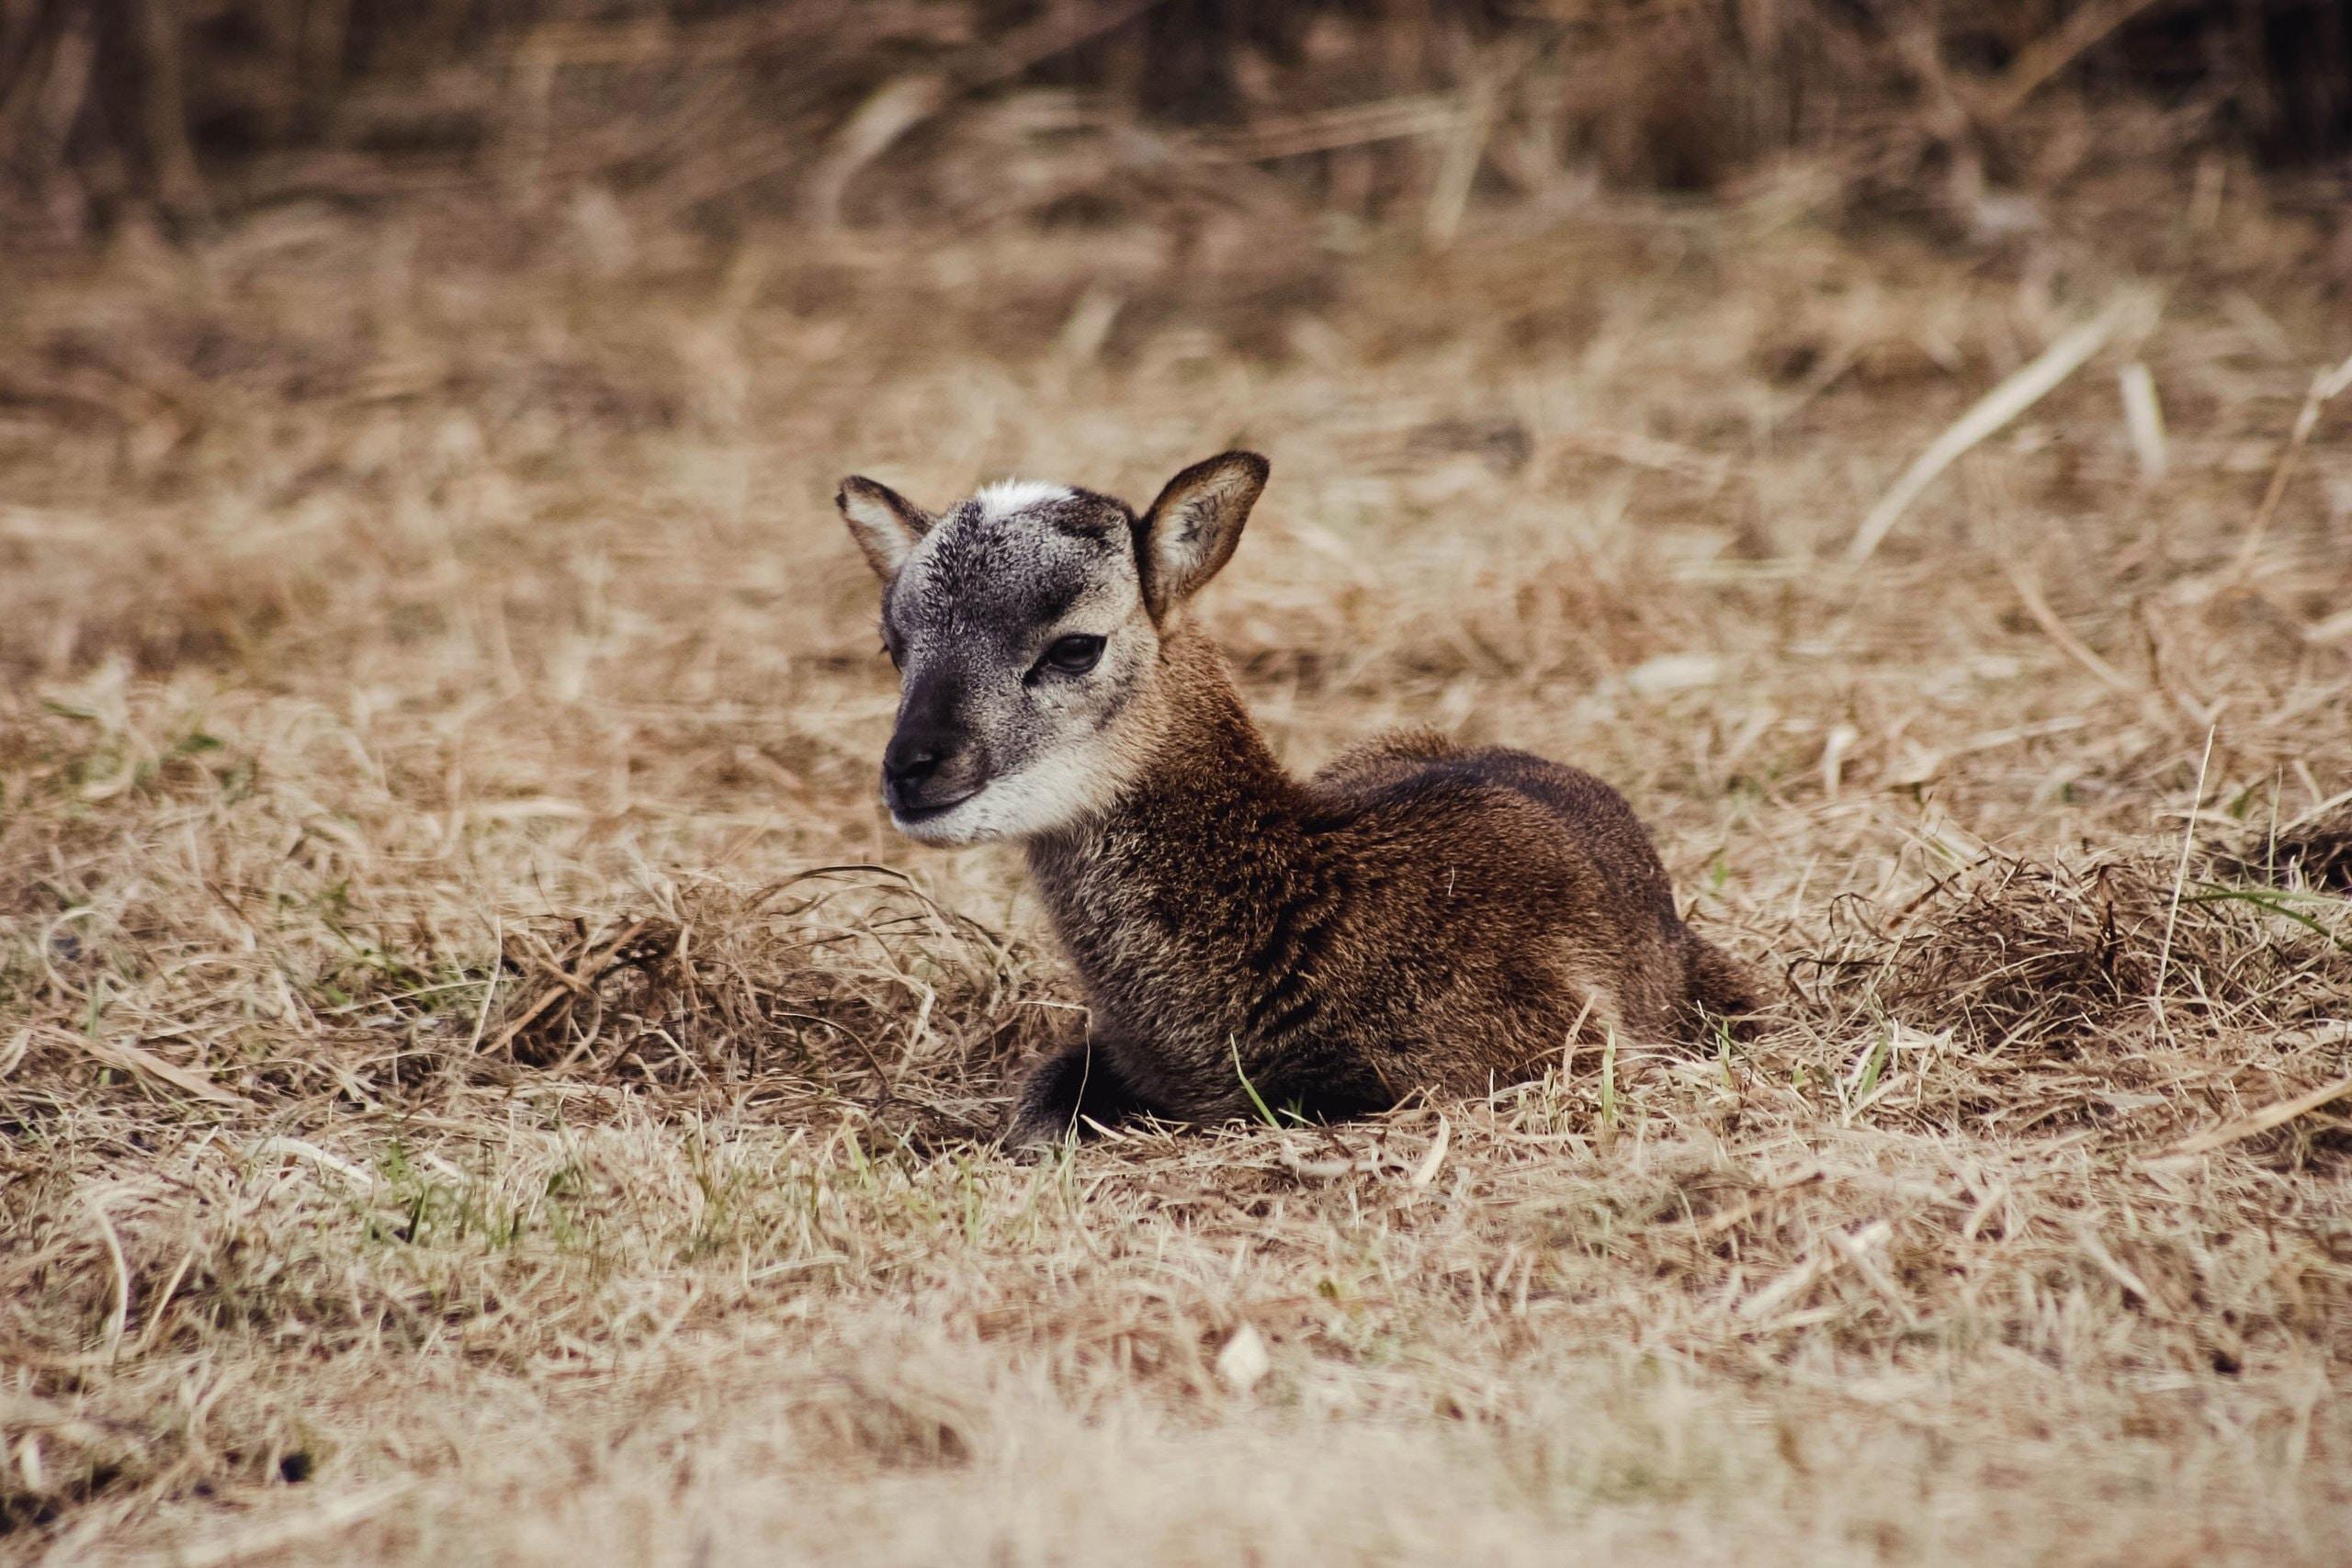 A baby deer or llama resting in a farm